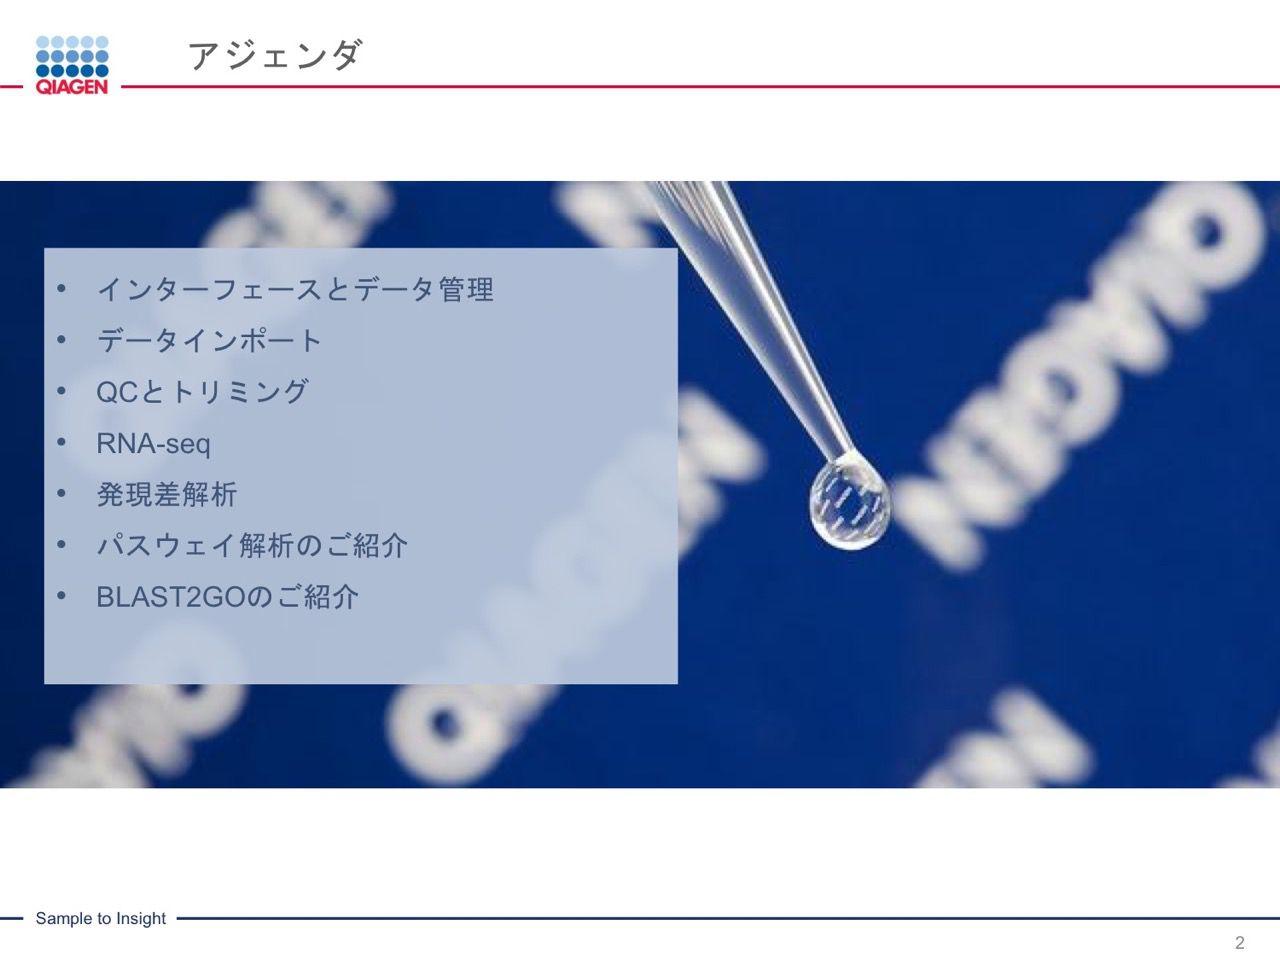 images/AJACSa2_miyamoto_002.jpg